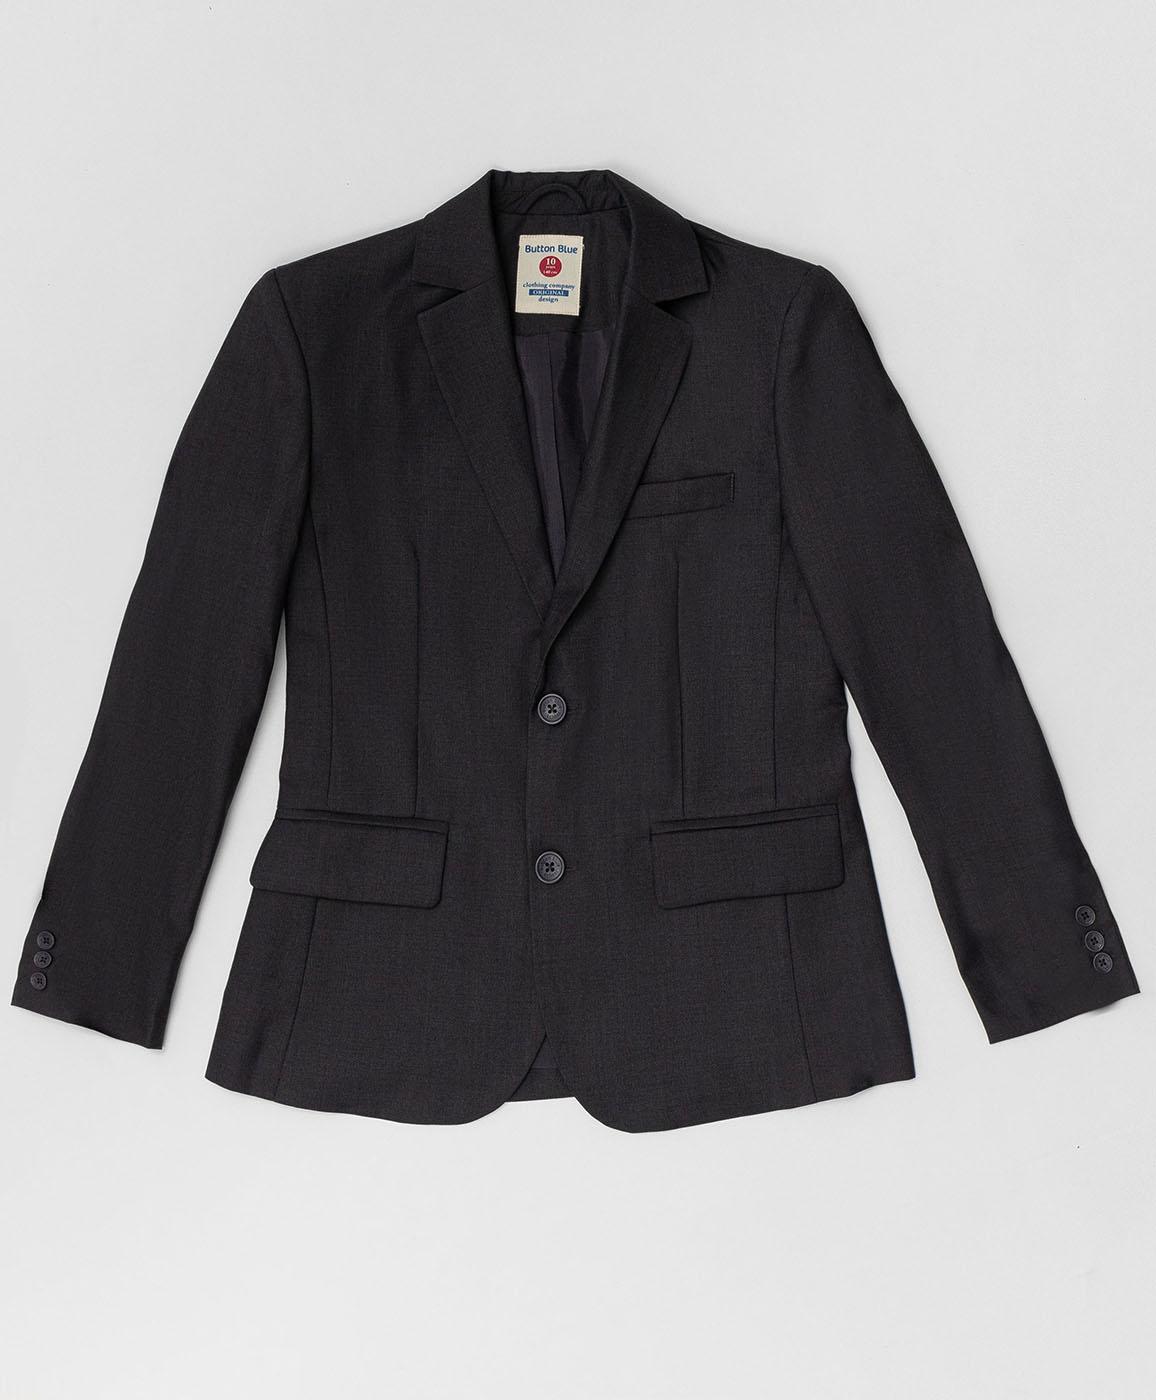 Купить 220BBBS48010100, Серый пиджак Button Blue, серый, 134, Текстиль, Мужской, Демисезон, ШКОЛЬНАЯ ФОРМА 2020-2021 (shop: GulliverMarket Gulliver Market)